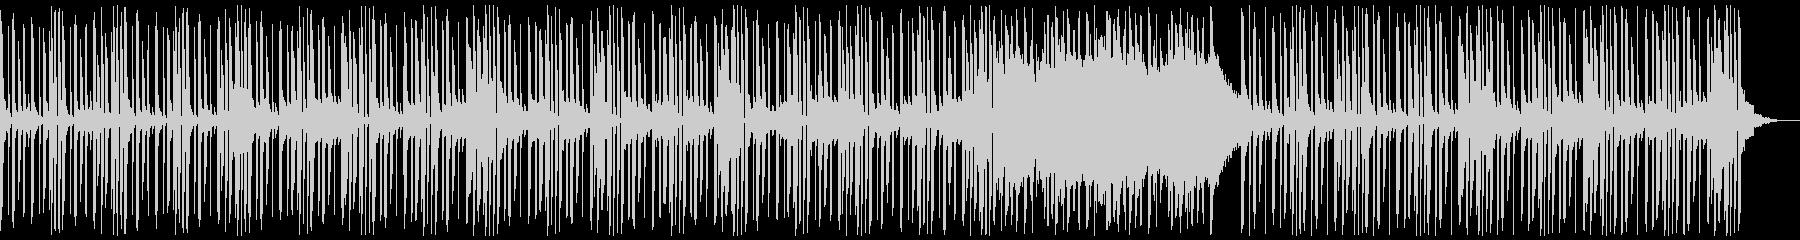 ドラム & ベース ジャングル H...の未再生の波形